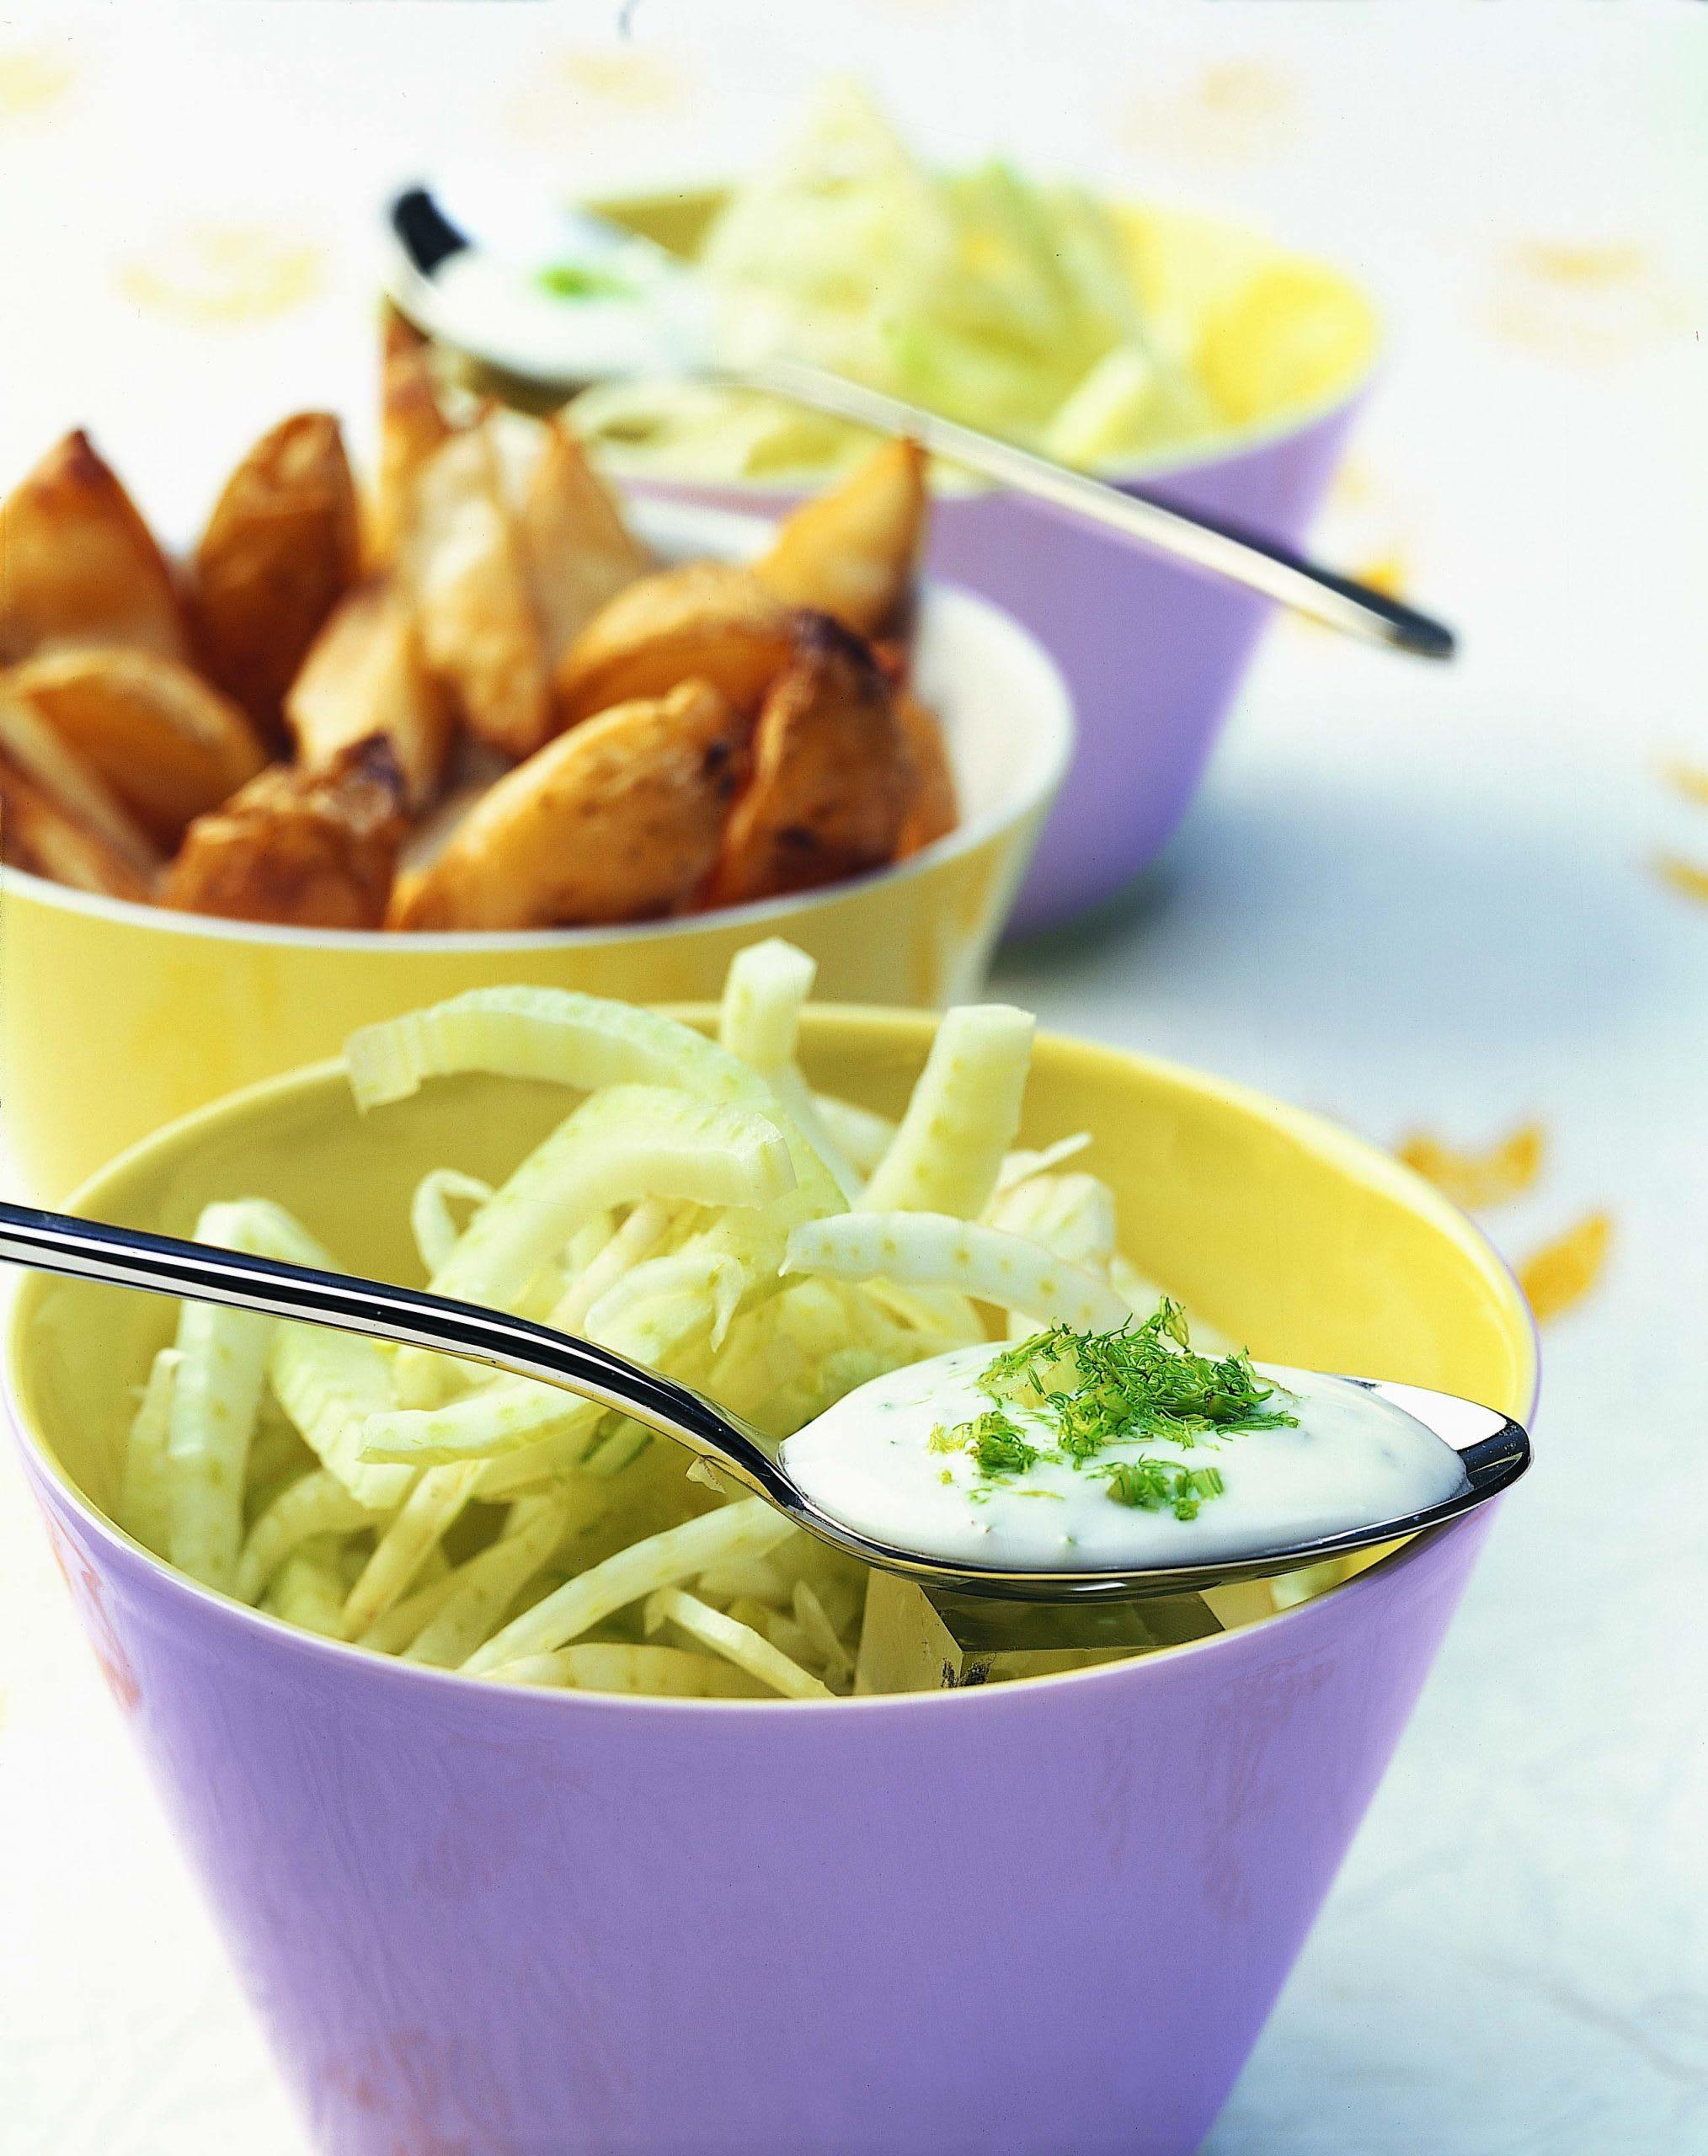 Salade de fenouil, potatoes et dip au séré